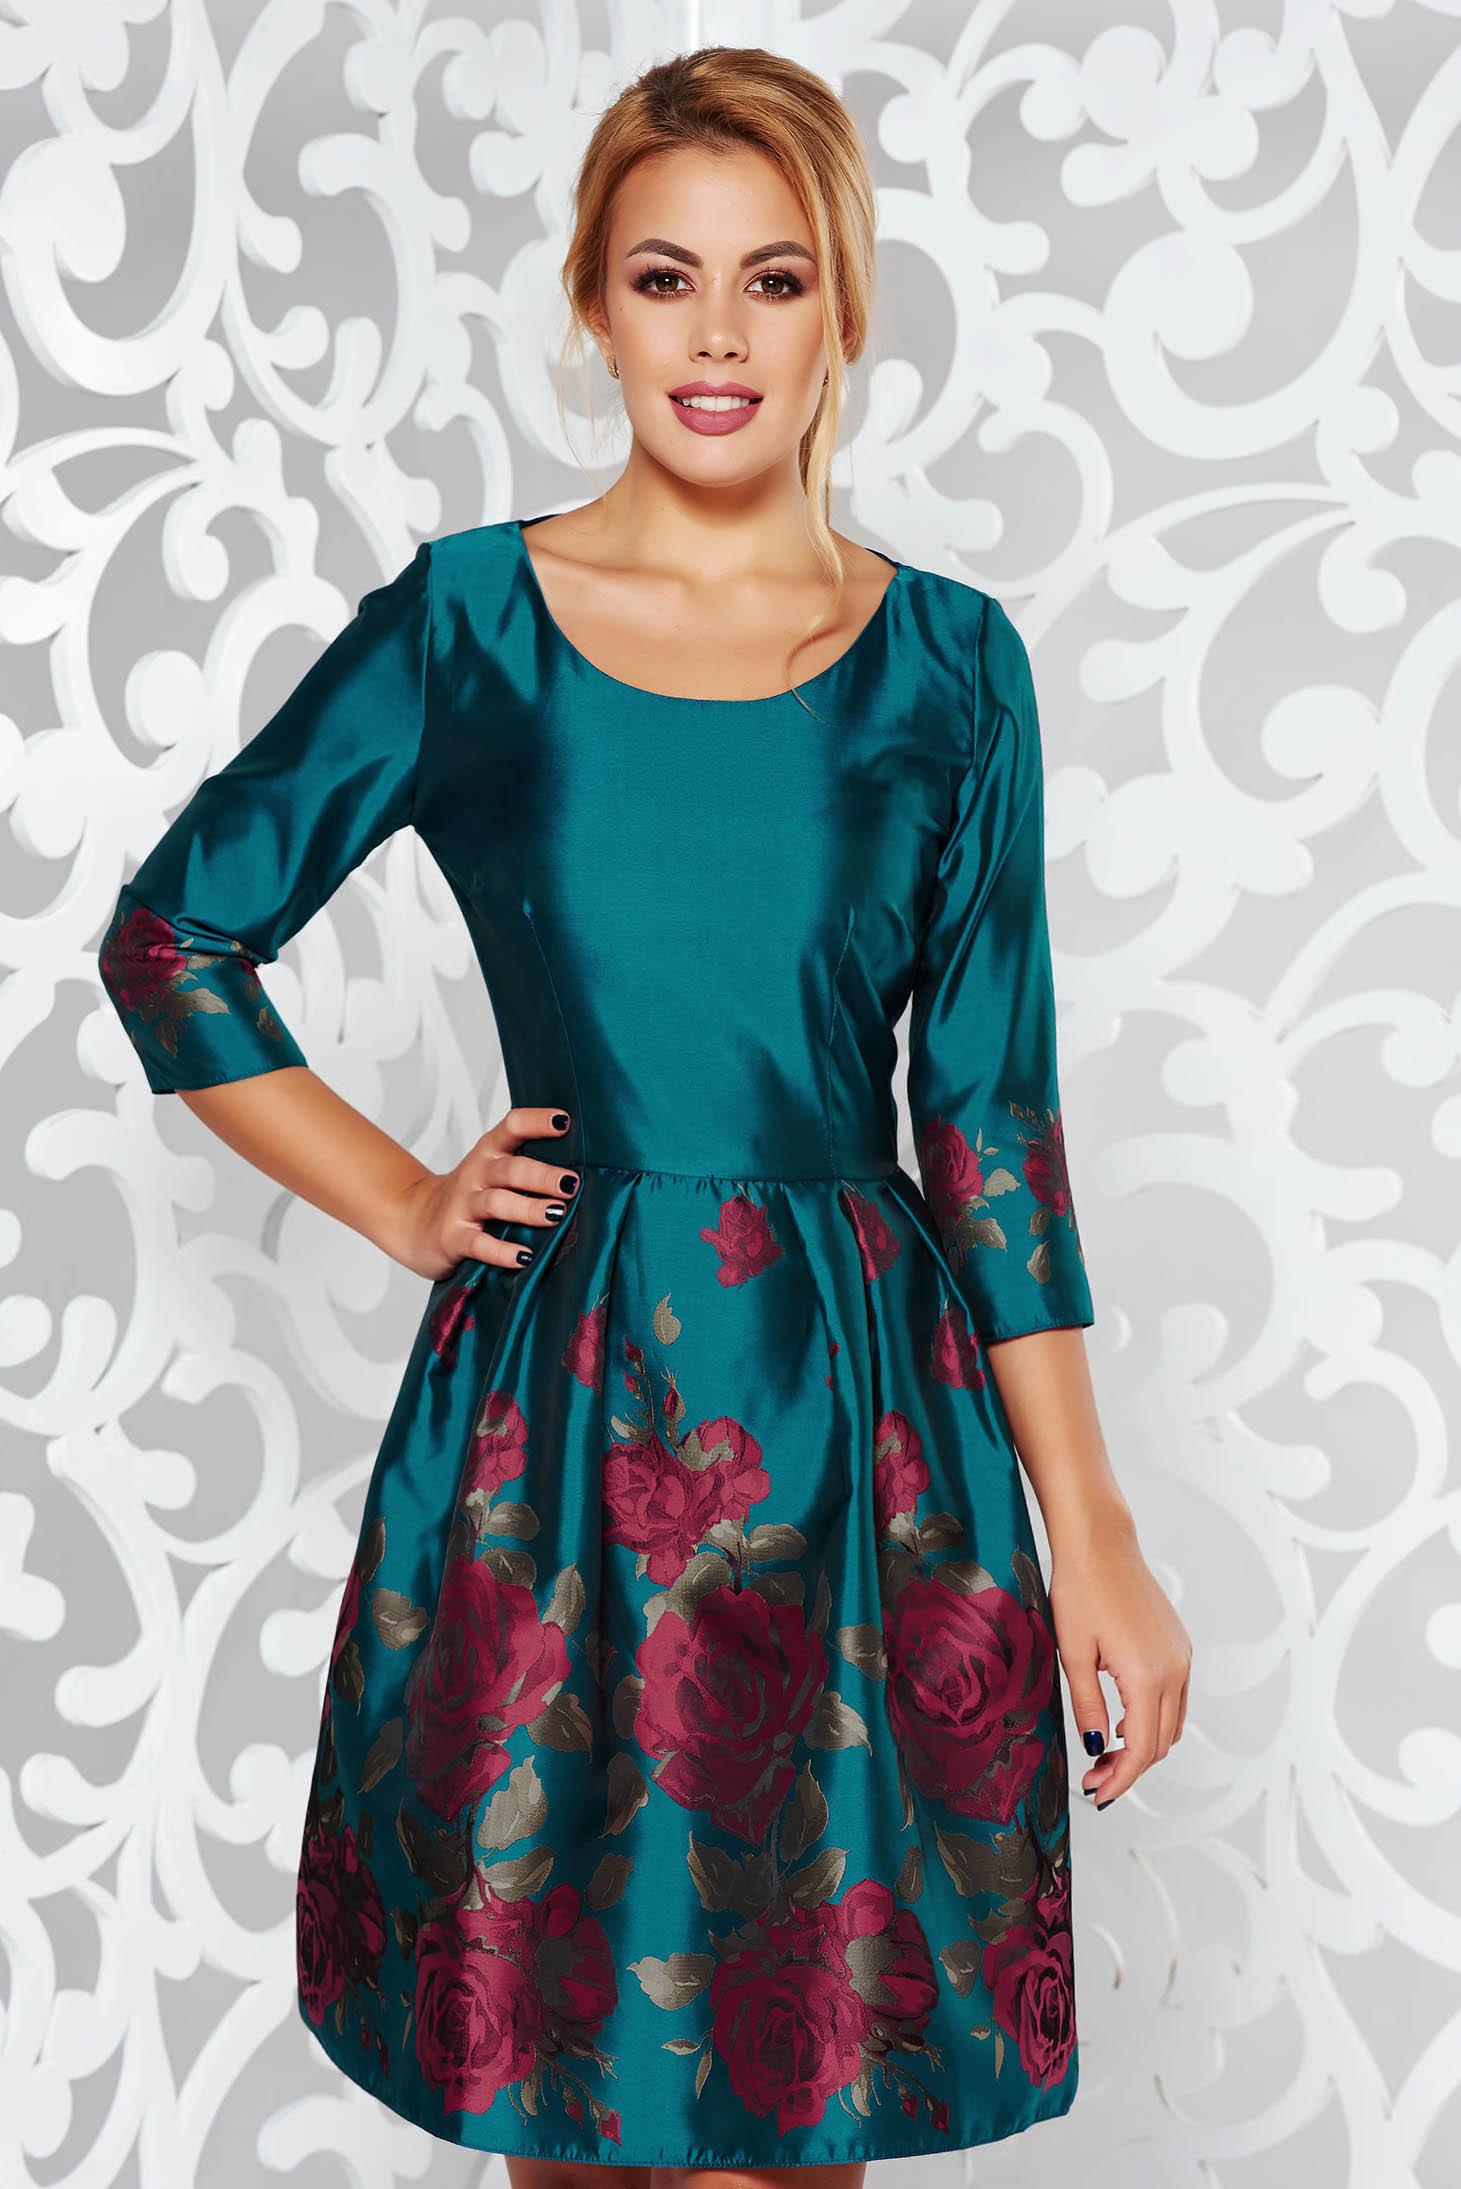 e947b7e6b6 Türkiz PrettyGirl alkalmi harang ruha fényes anyag virágmintás díszítéssel